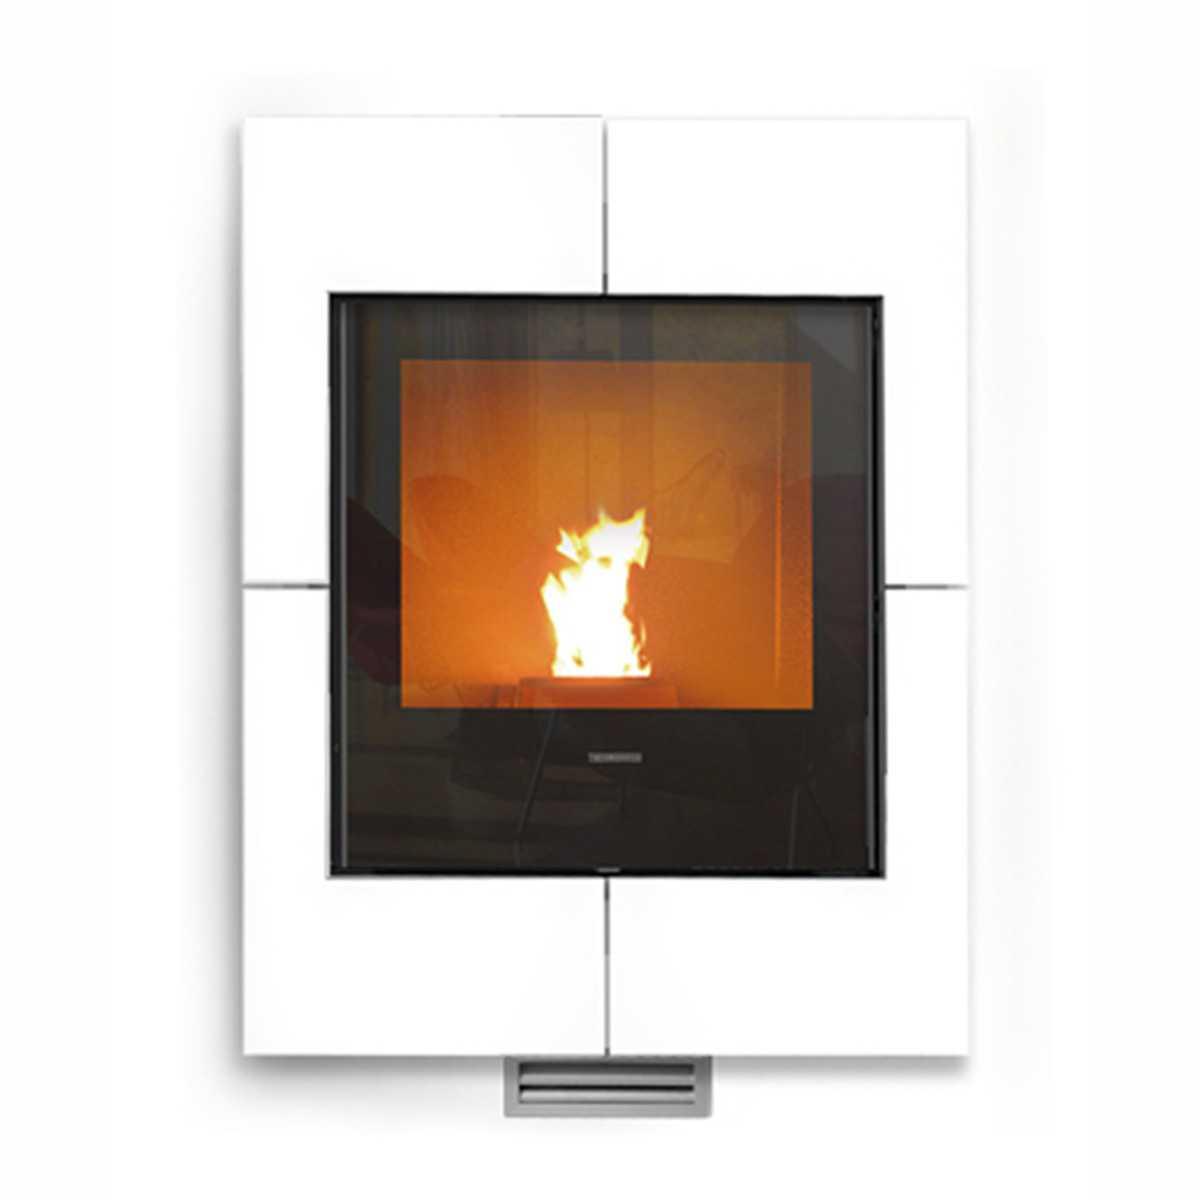 Termocamino a pellet Thermorossi Insert Idra Maxi cornice cristallo bianca 26,40 kW